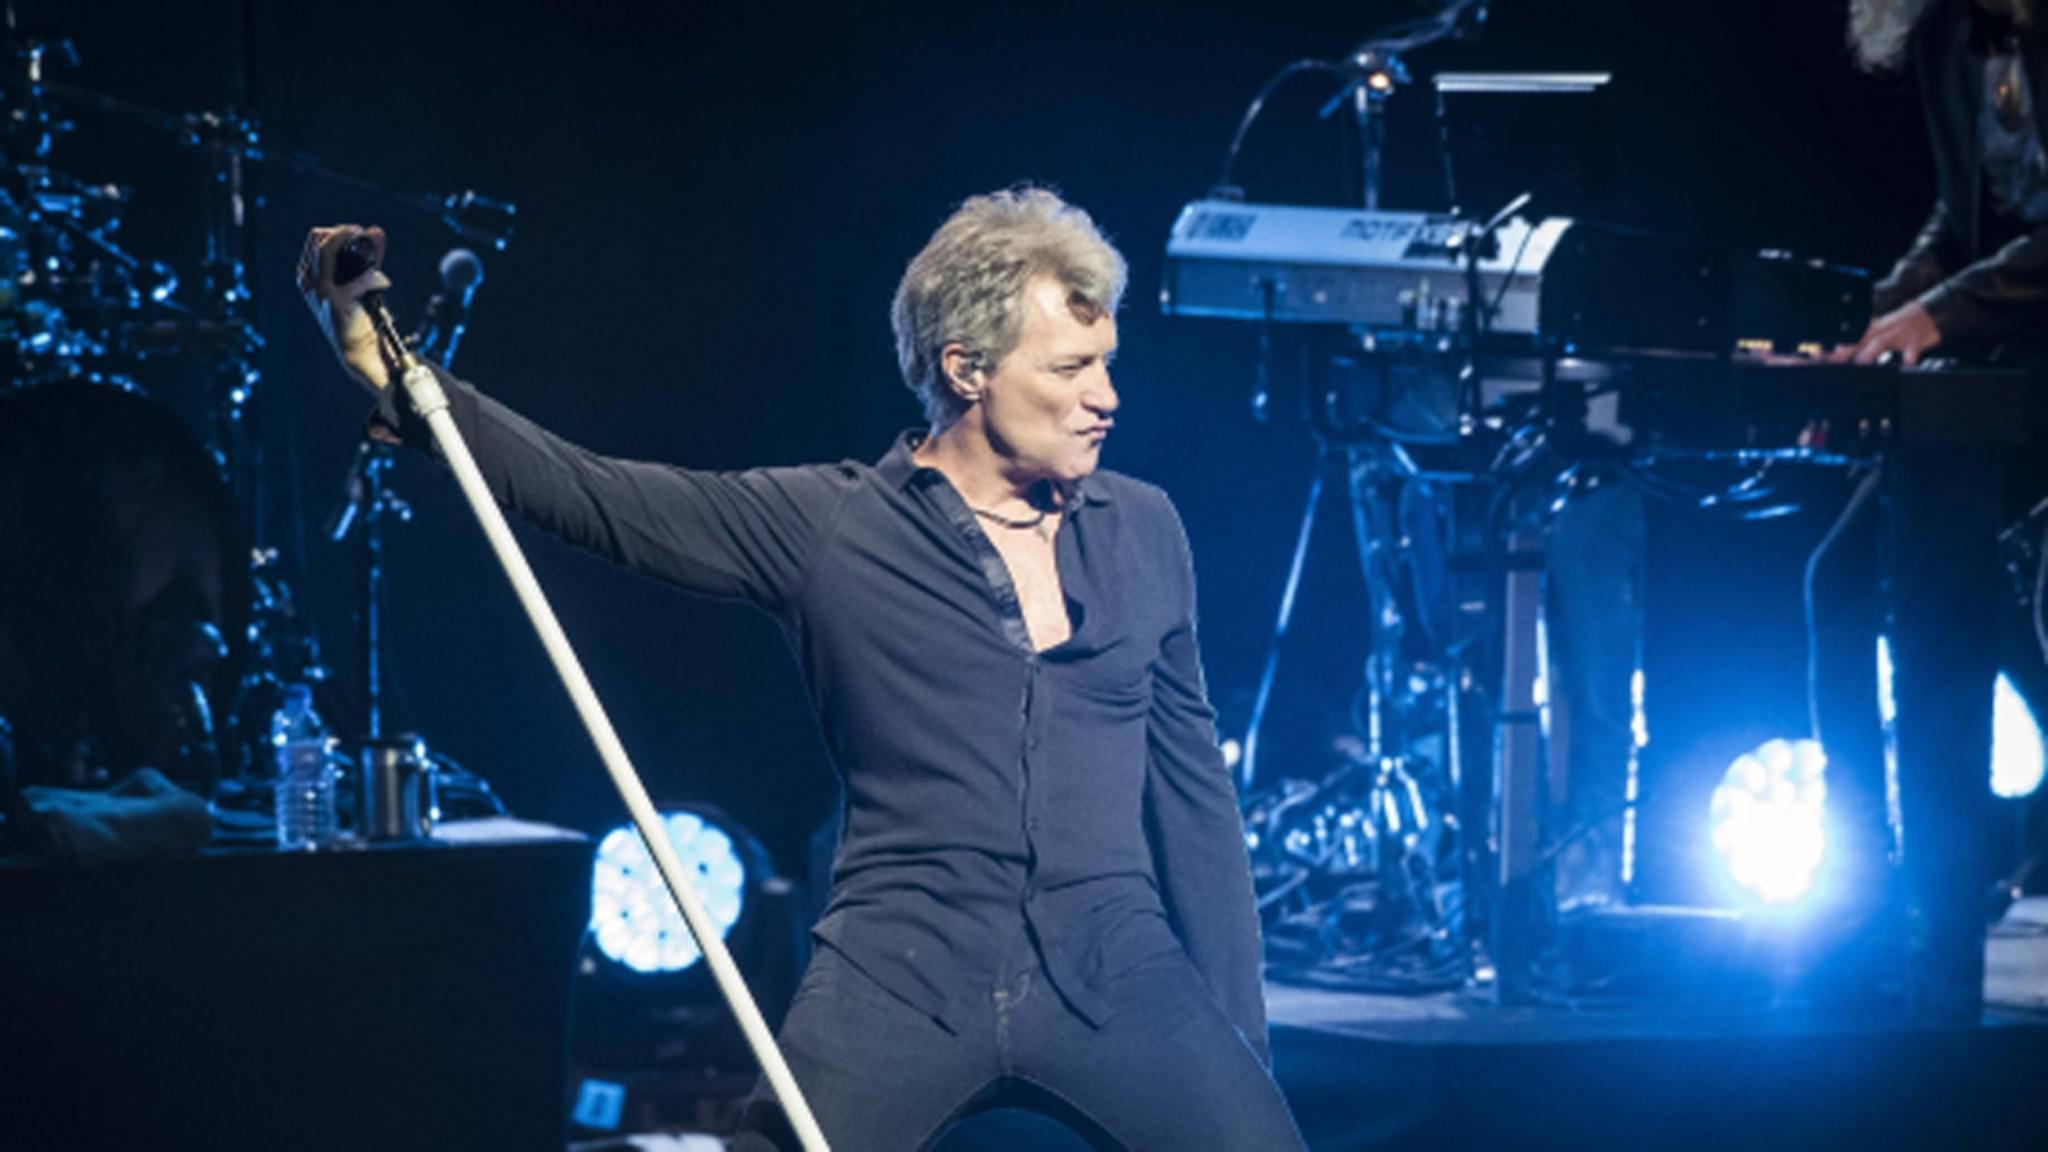 Immer noch am Rocken: Jon Bon Jovi im Londoner Palladium.